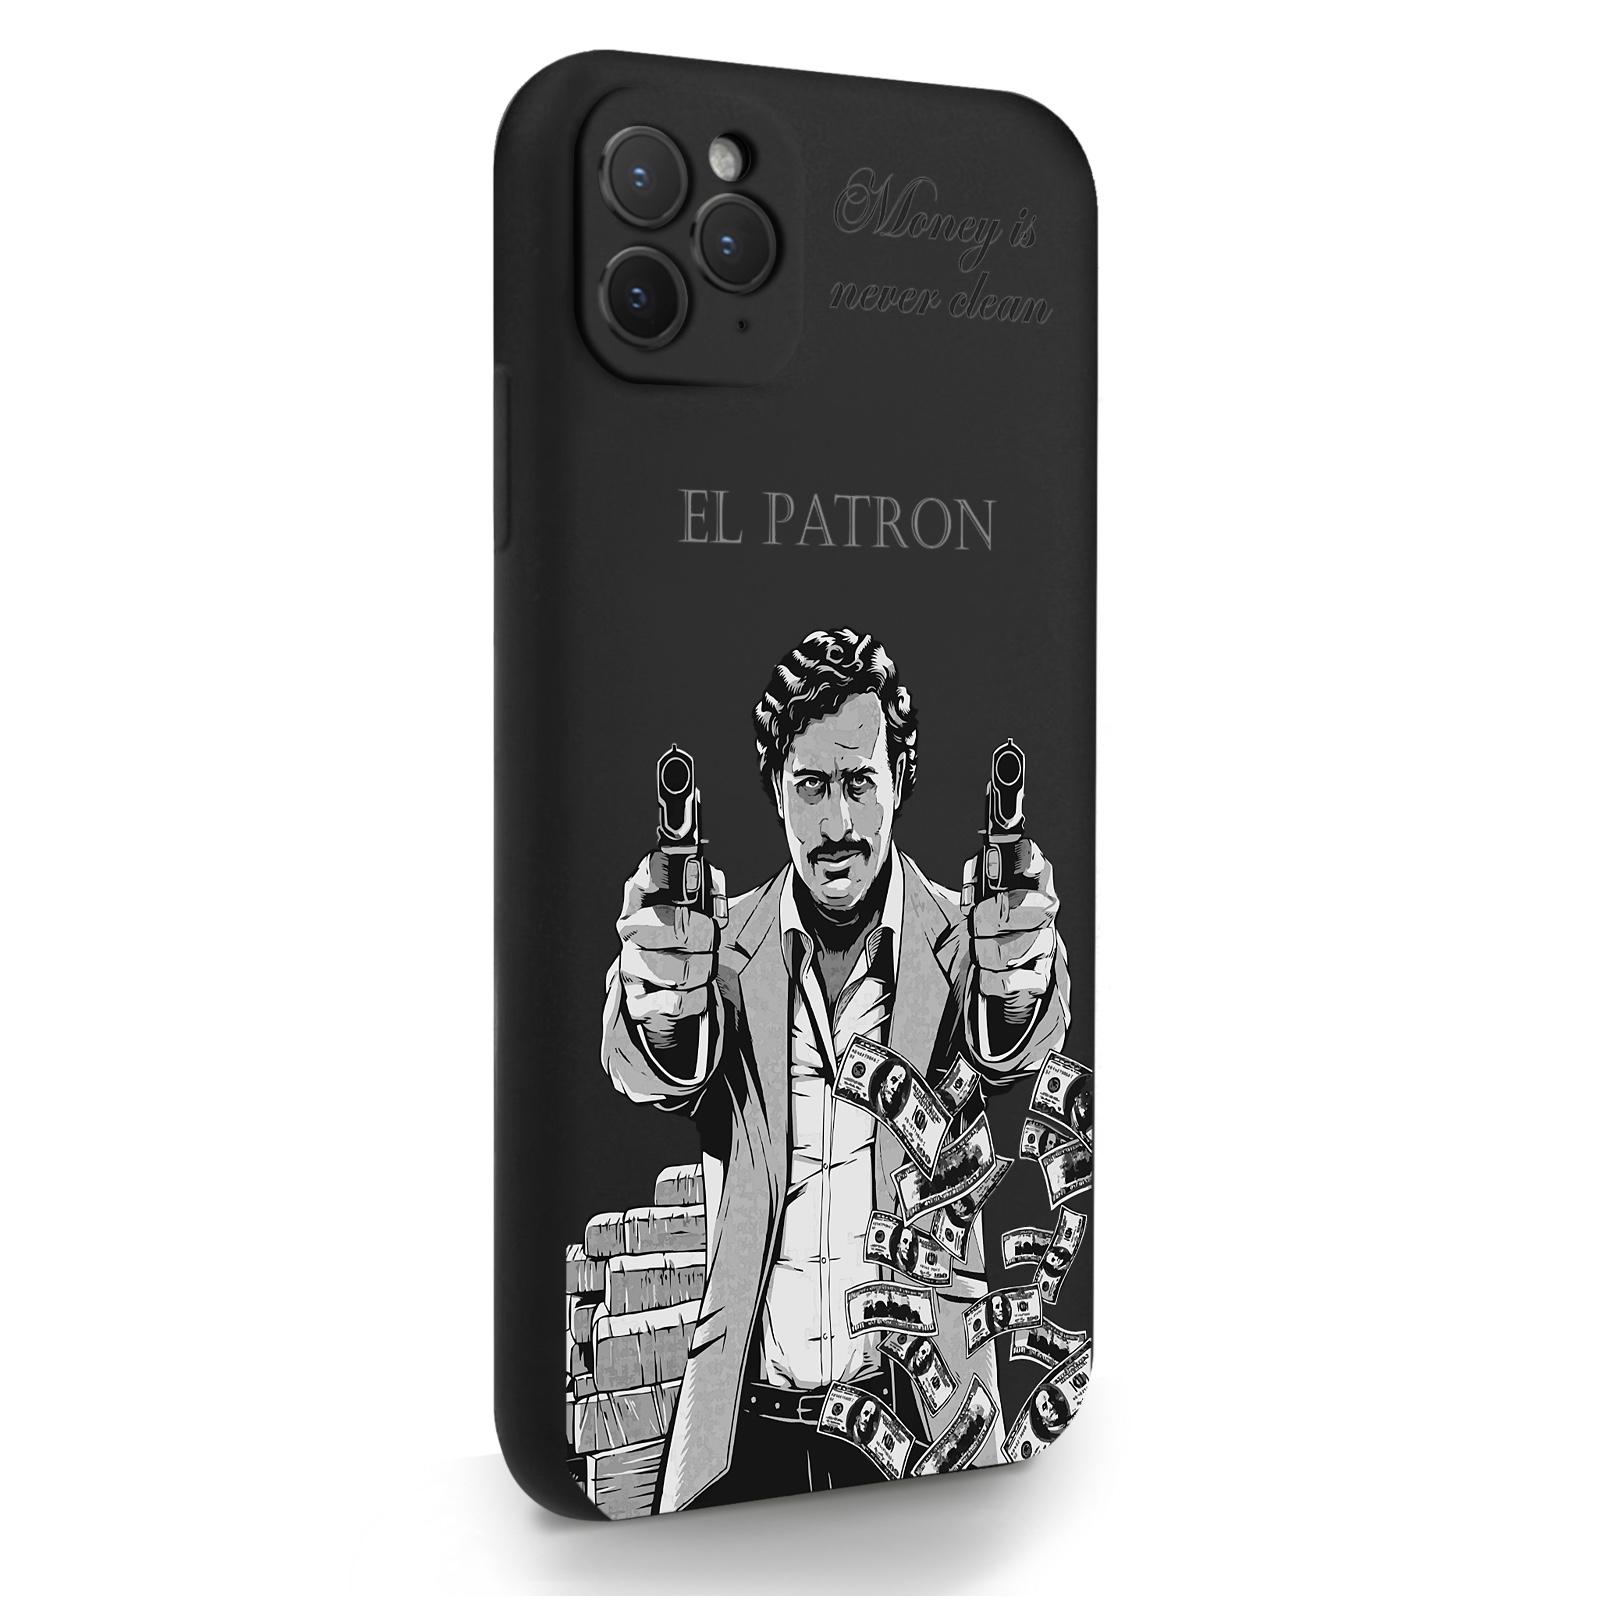 Черный силиконовый чехол для iPhone 11 Pro Max El Patron Pablo Escobar/ Пабло Эскобар для Айфон 11 Про Макс